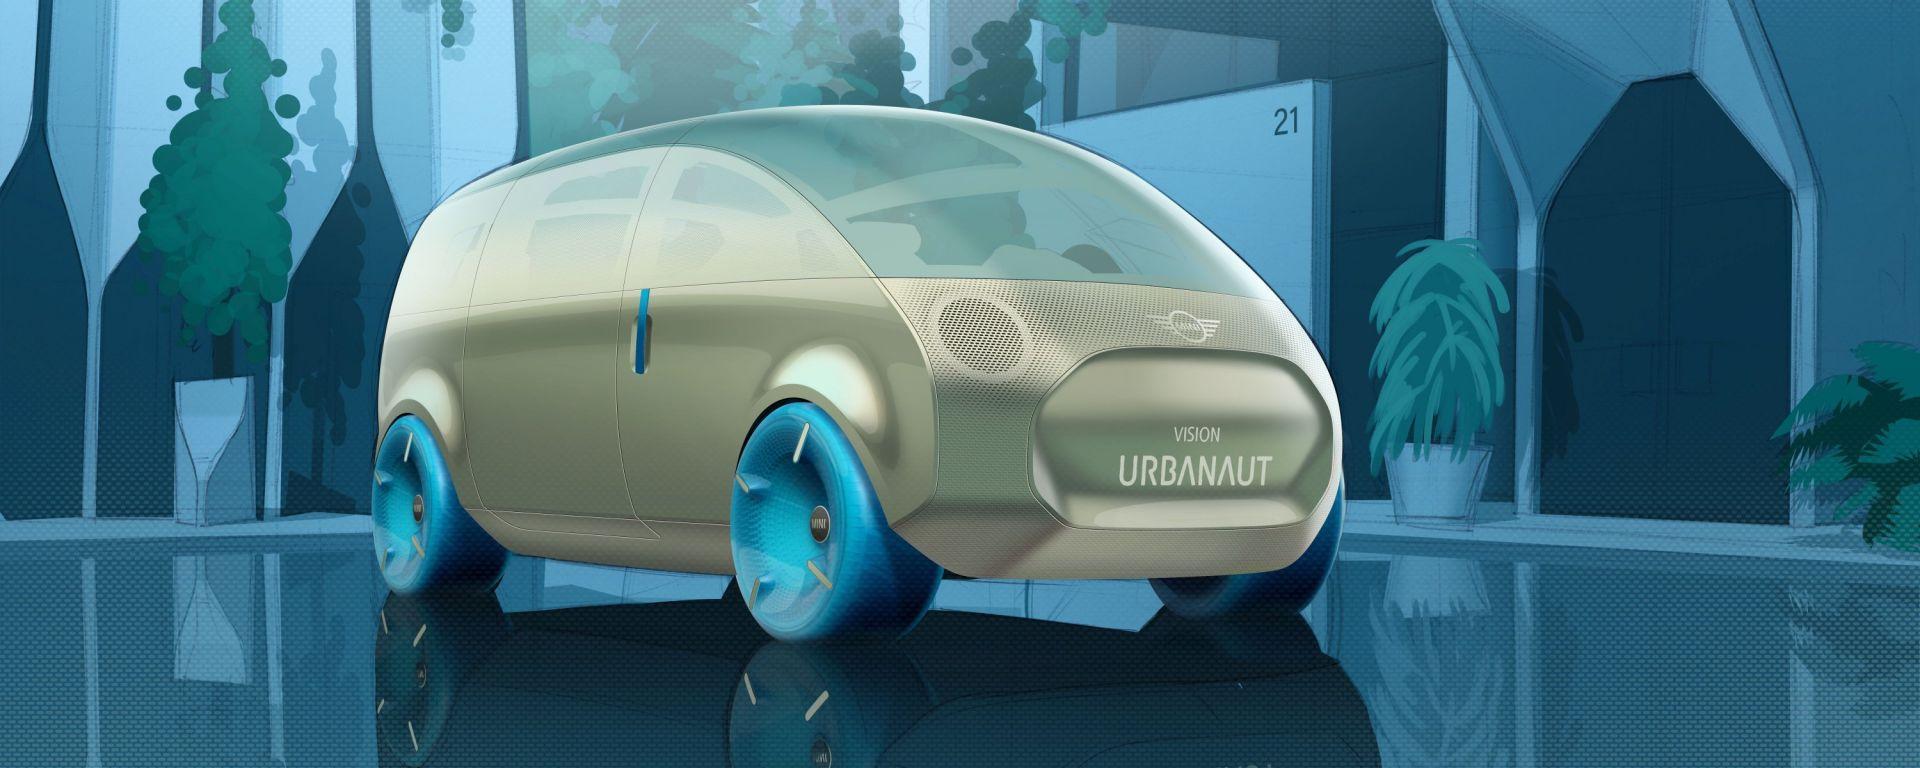 Mini Vision Urbanaut: il concept diventa virtuale